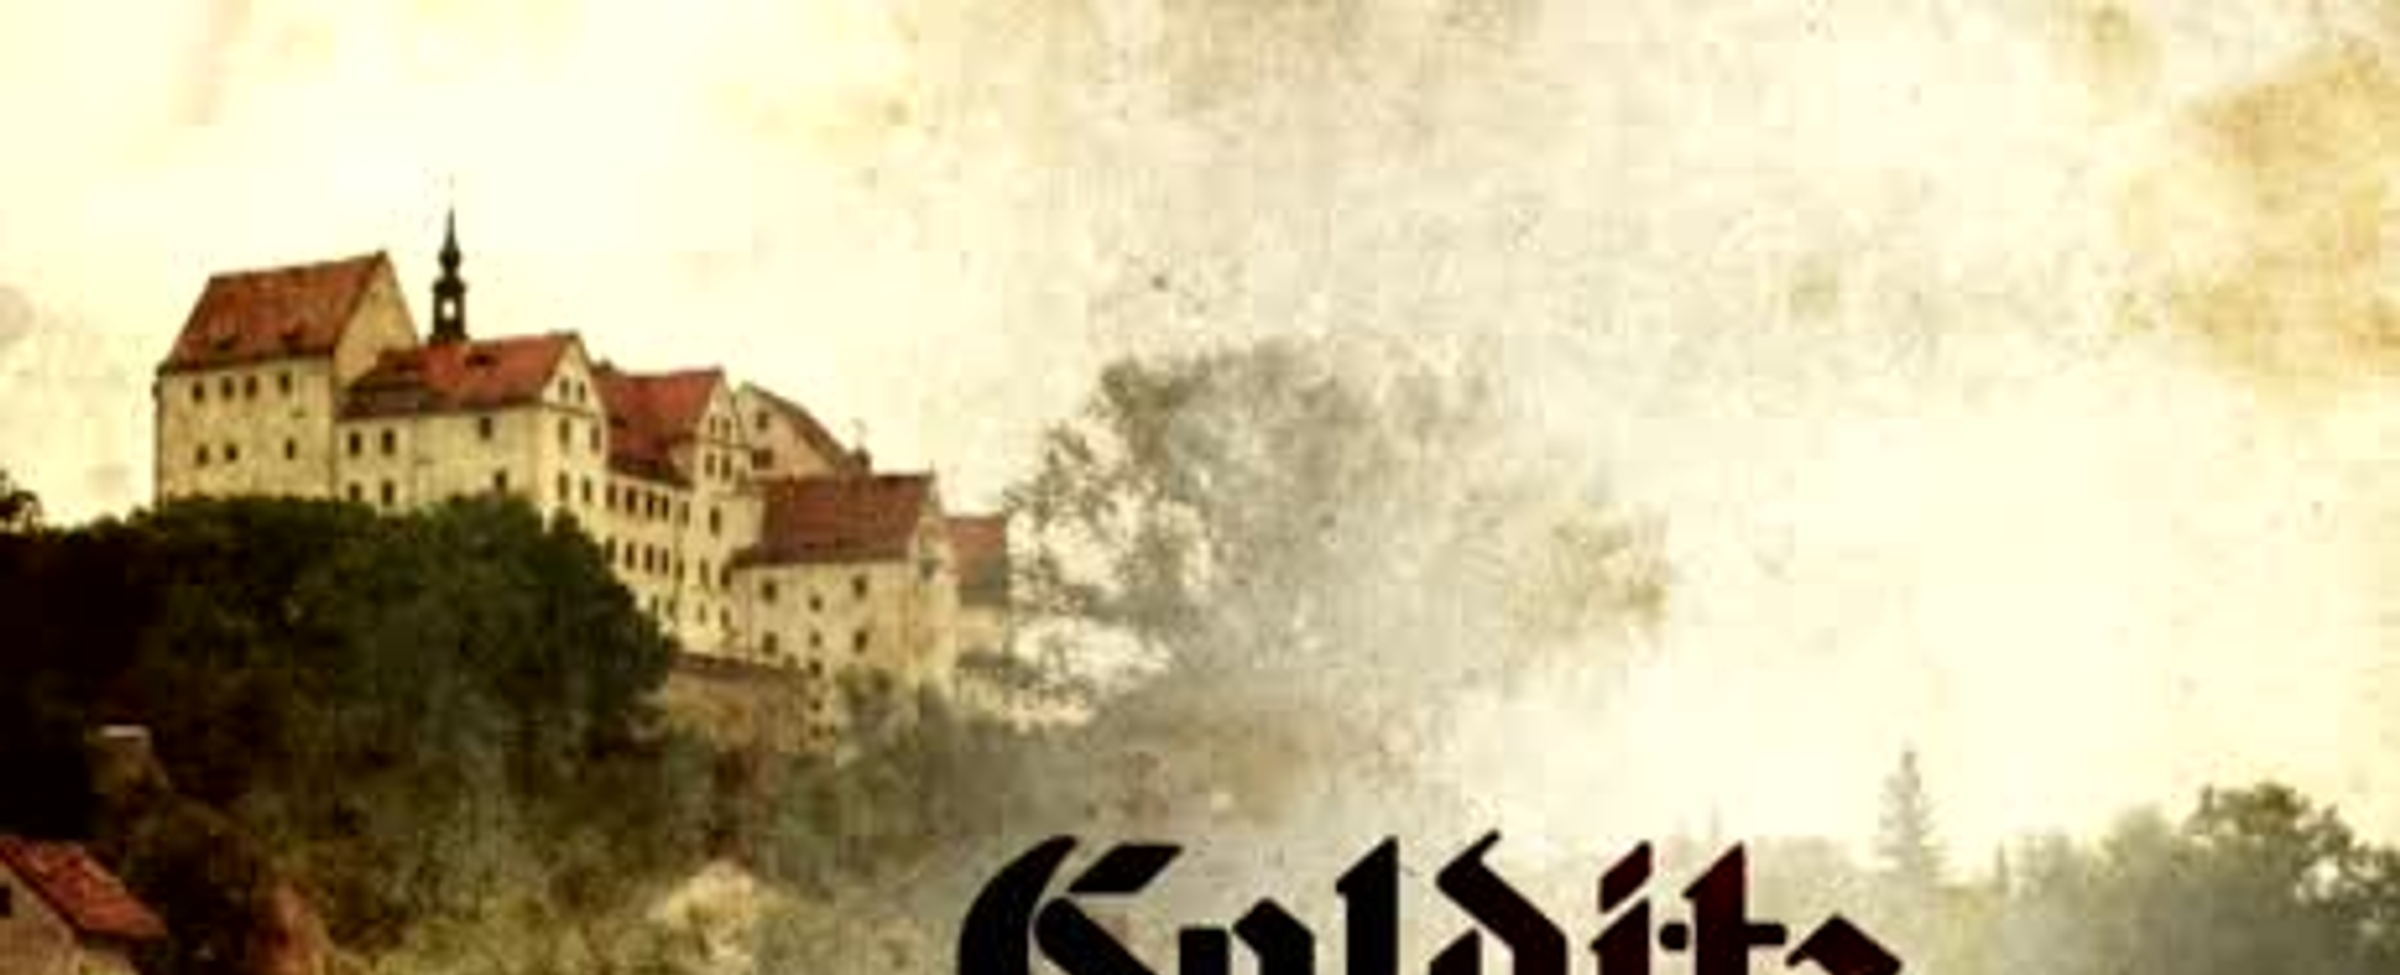 Colditz - Odvážné útěky